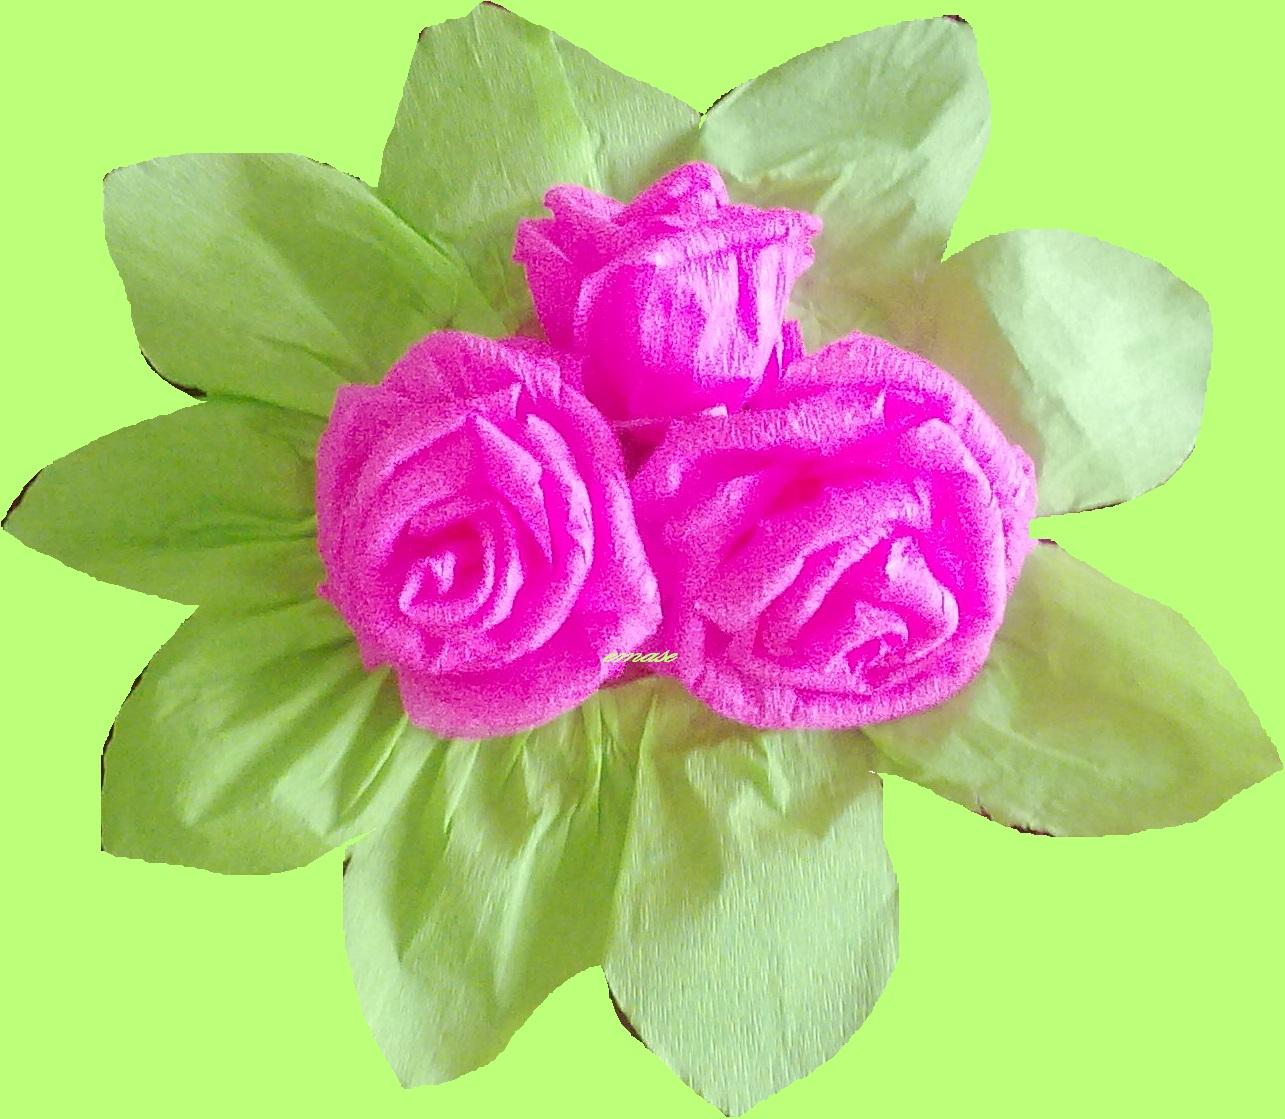 Como hacer flores con papel crepe todo manualidades - Manualidades en papel ...